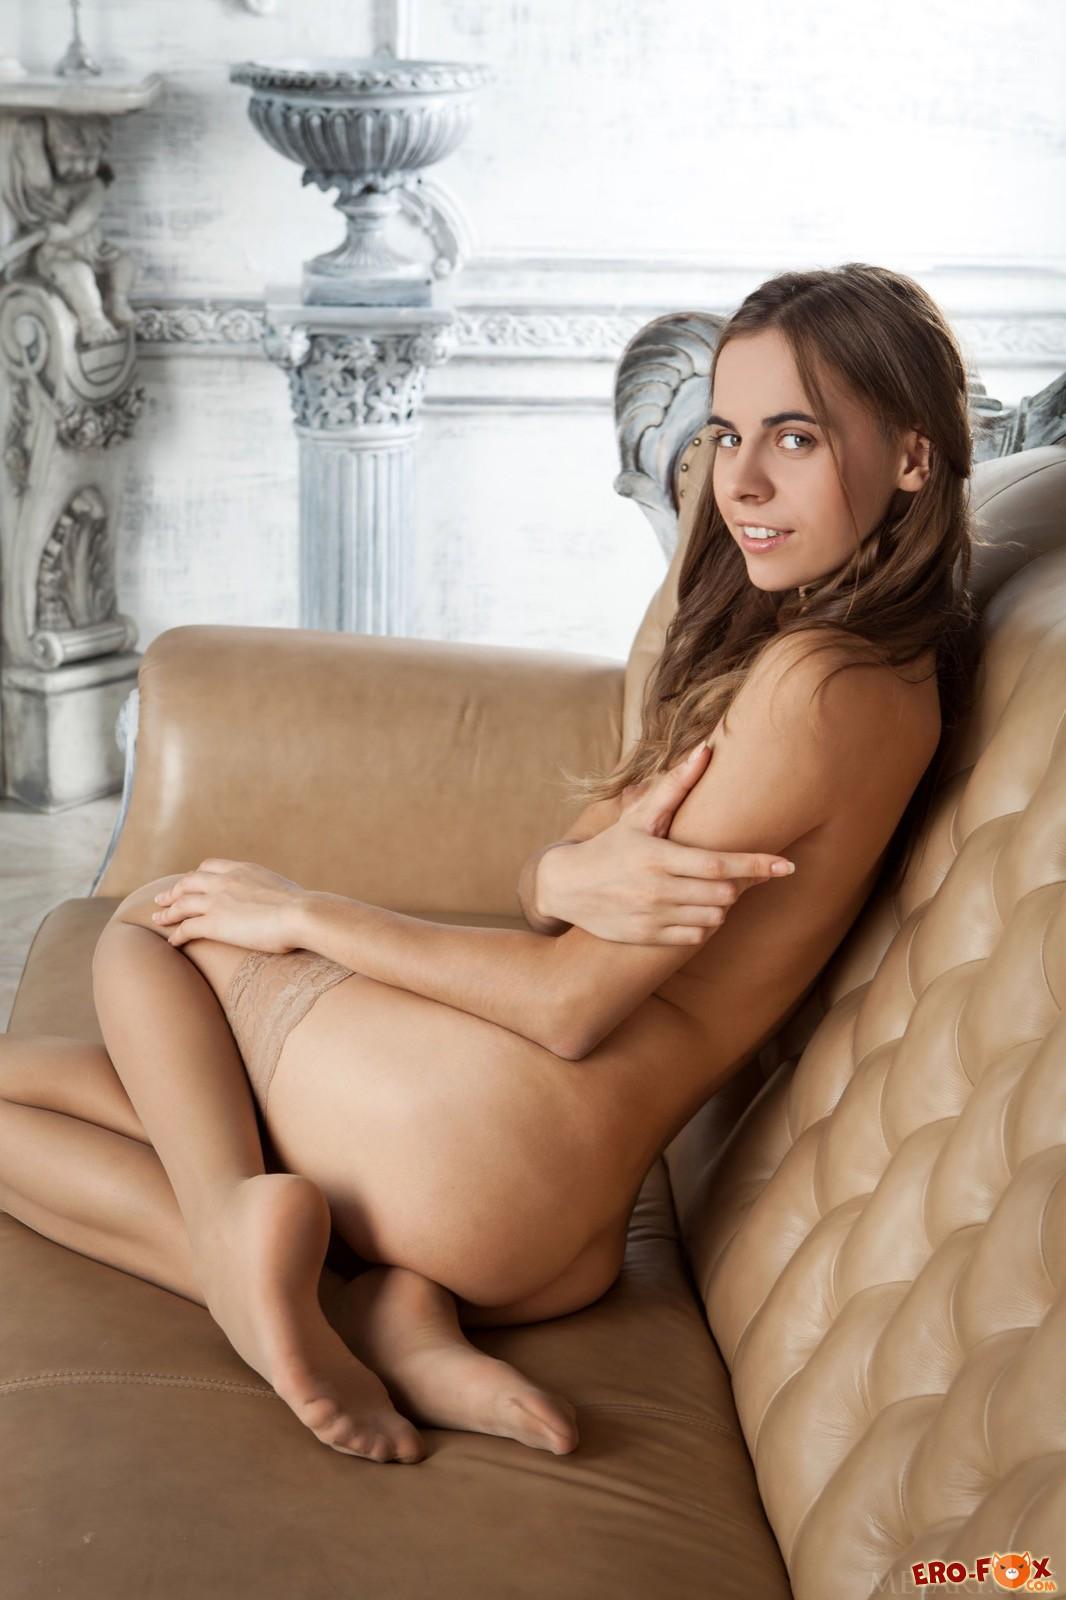 Сексуальная подруга в чулках задирает ножки на диване